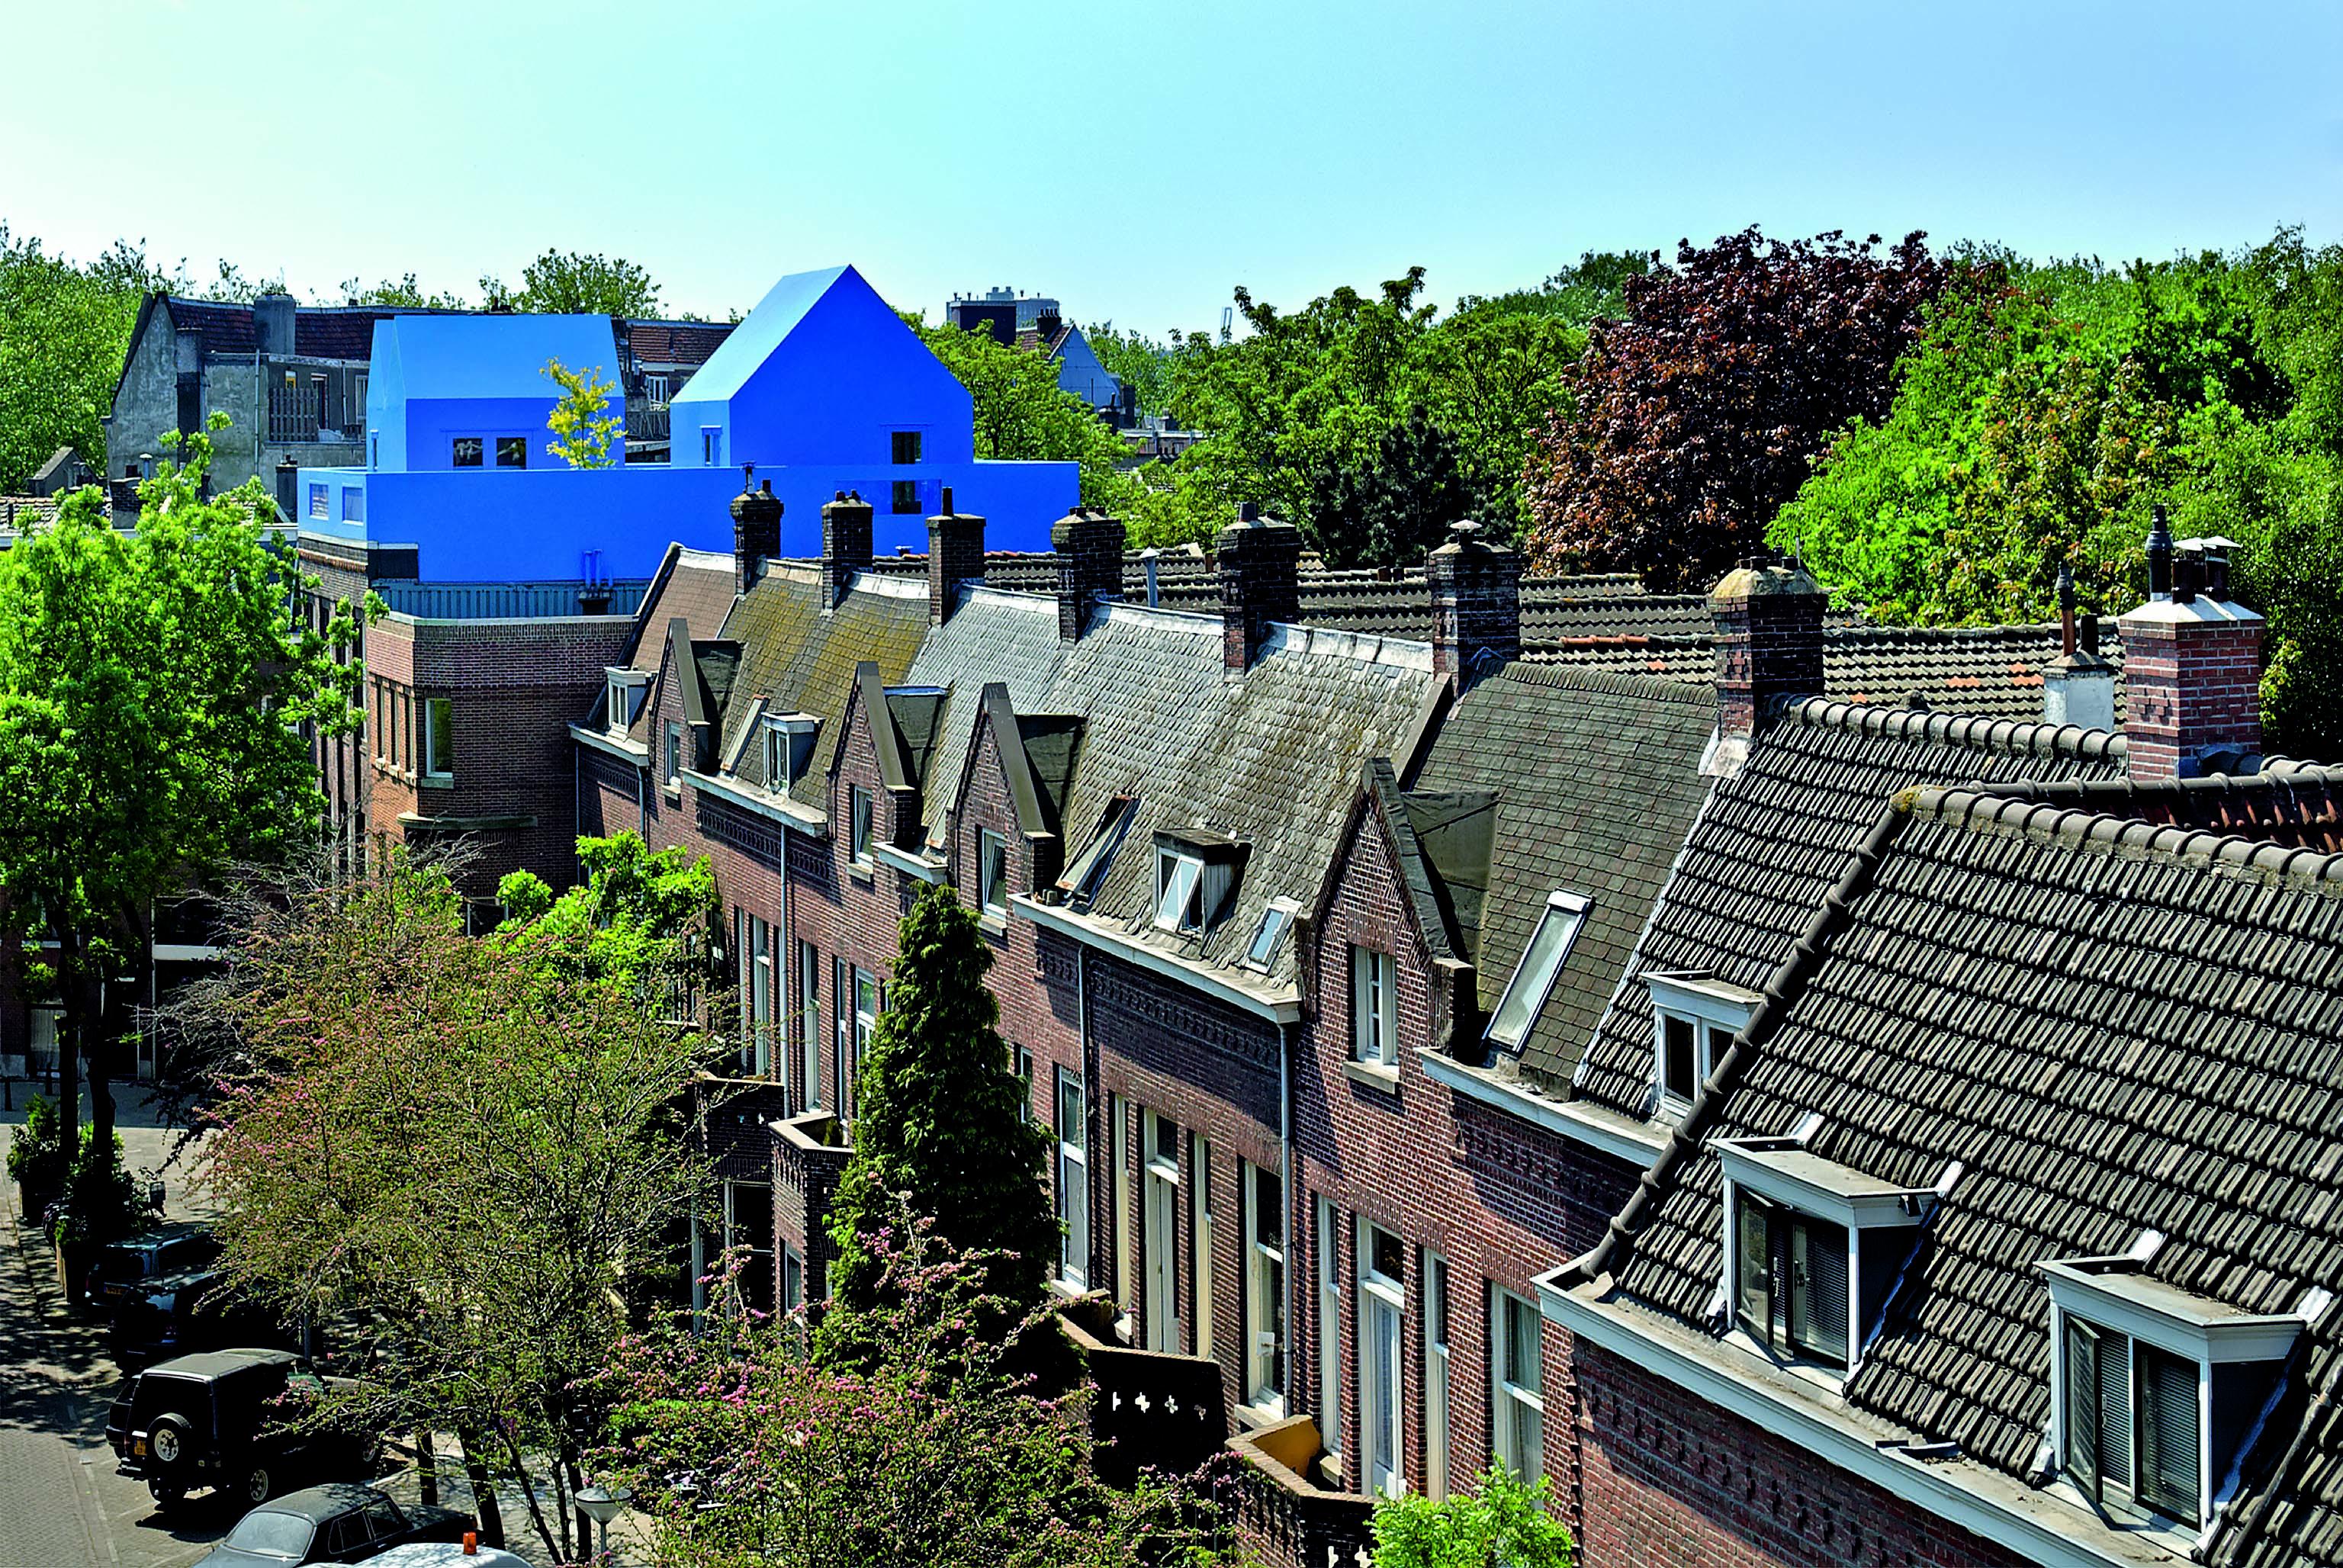 Il tetto blu è visibile anche da lontano